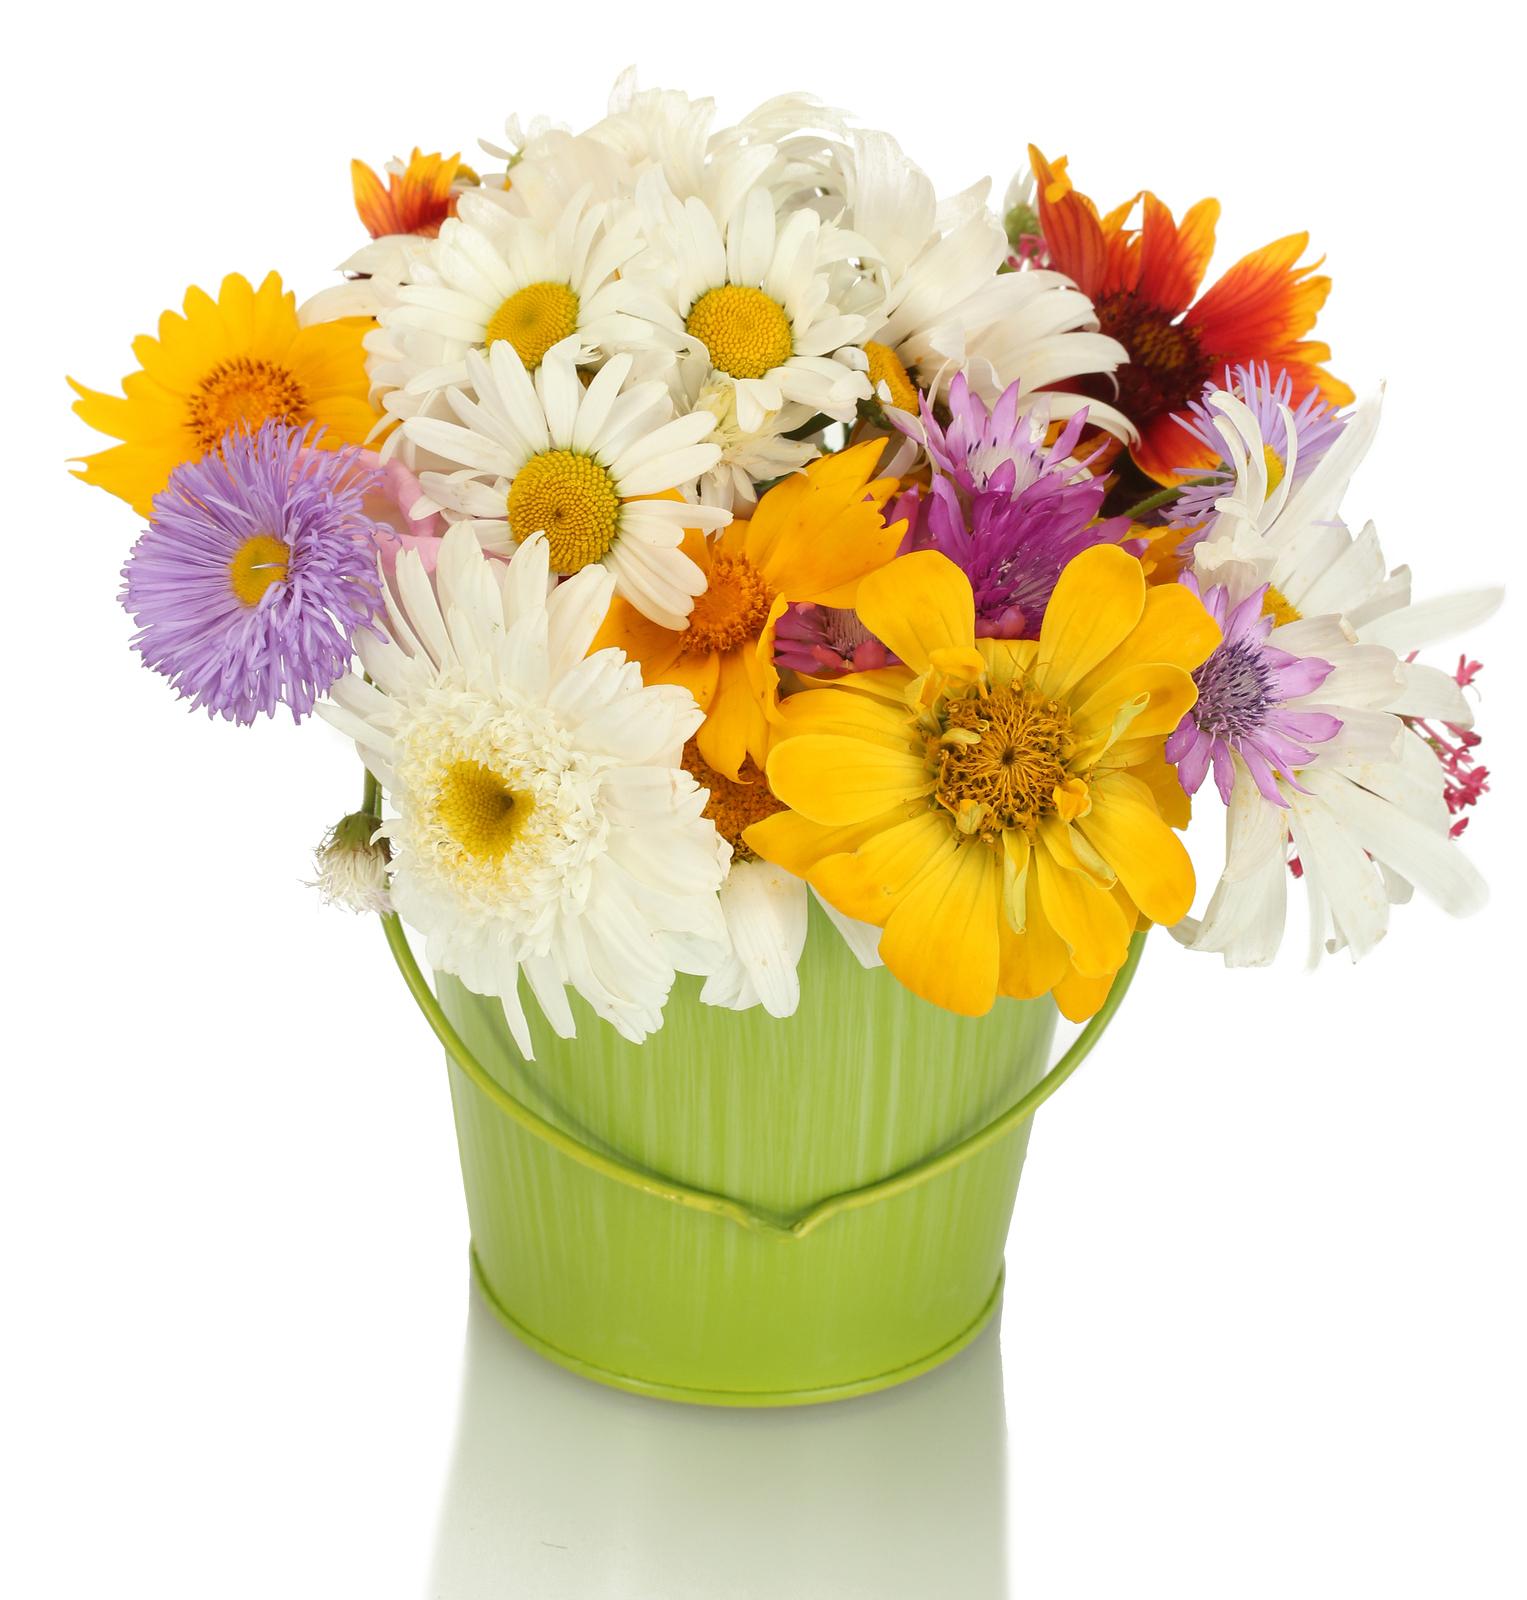 Come scattare le migliori foto di fiori per i social media